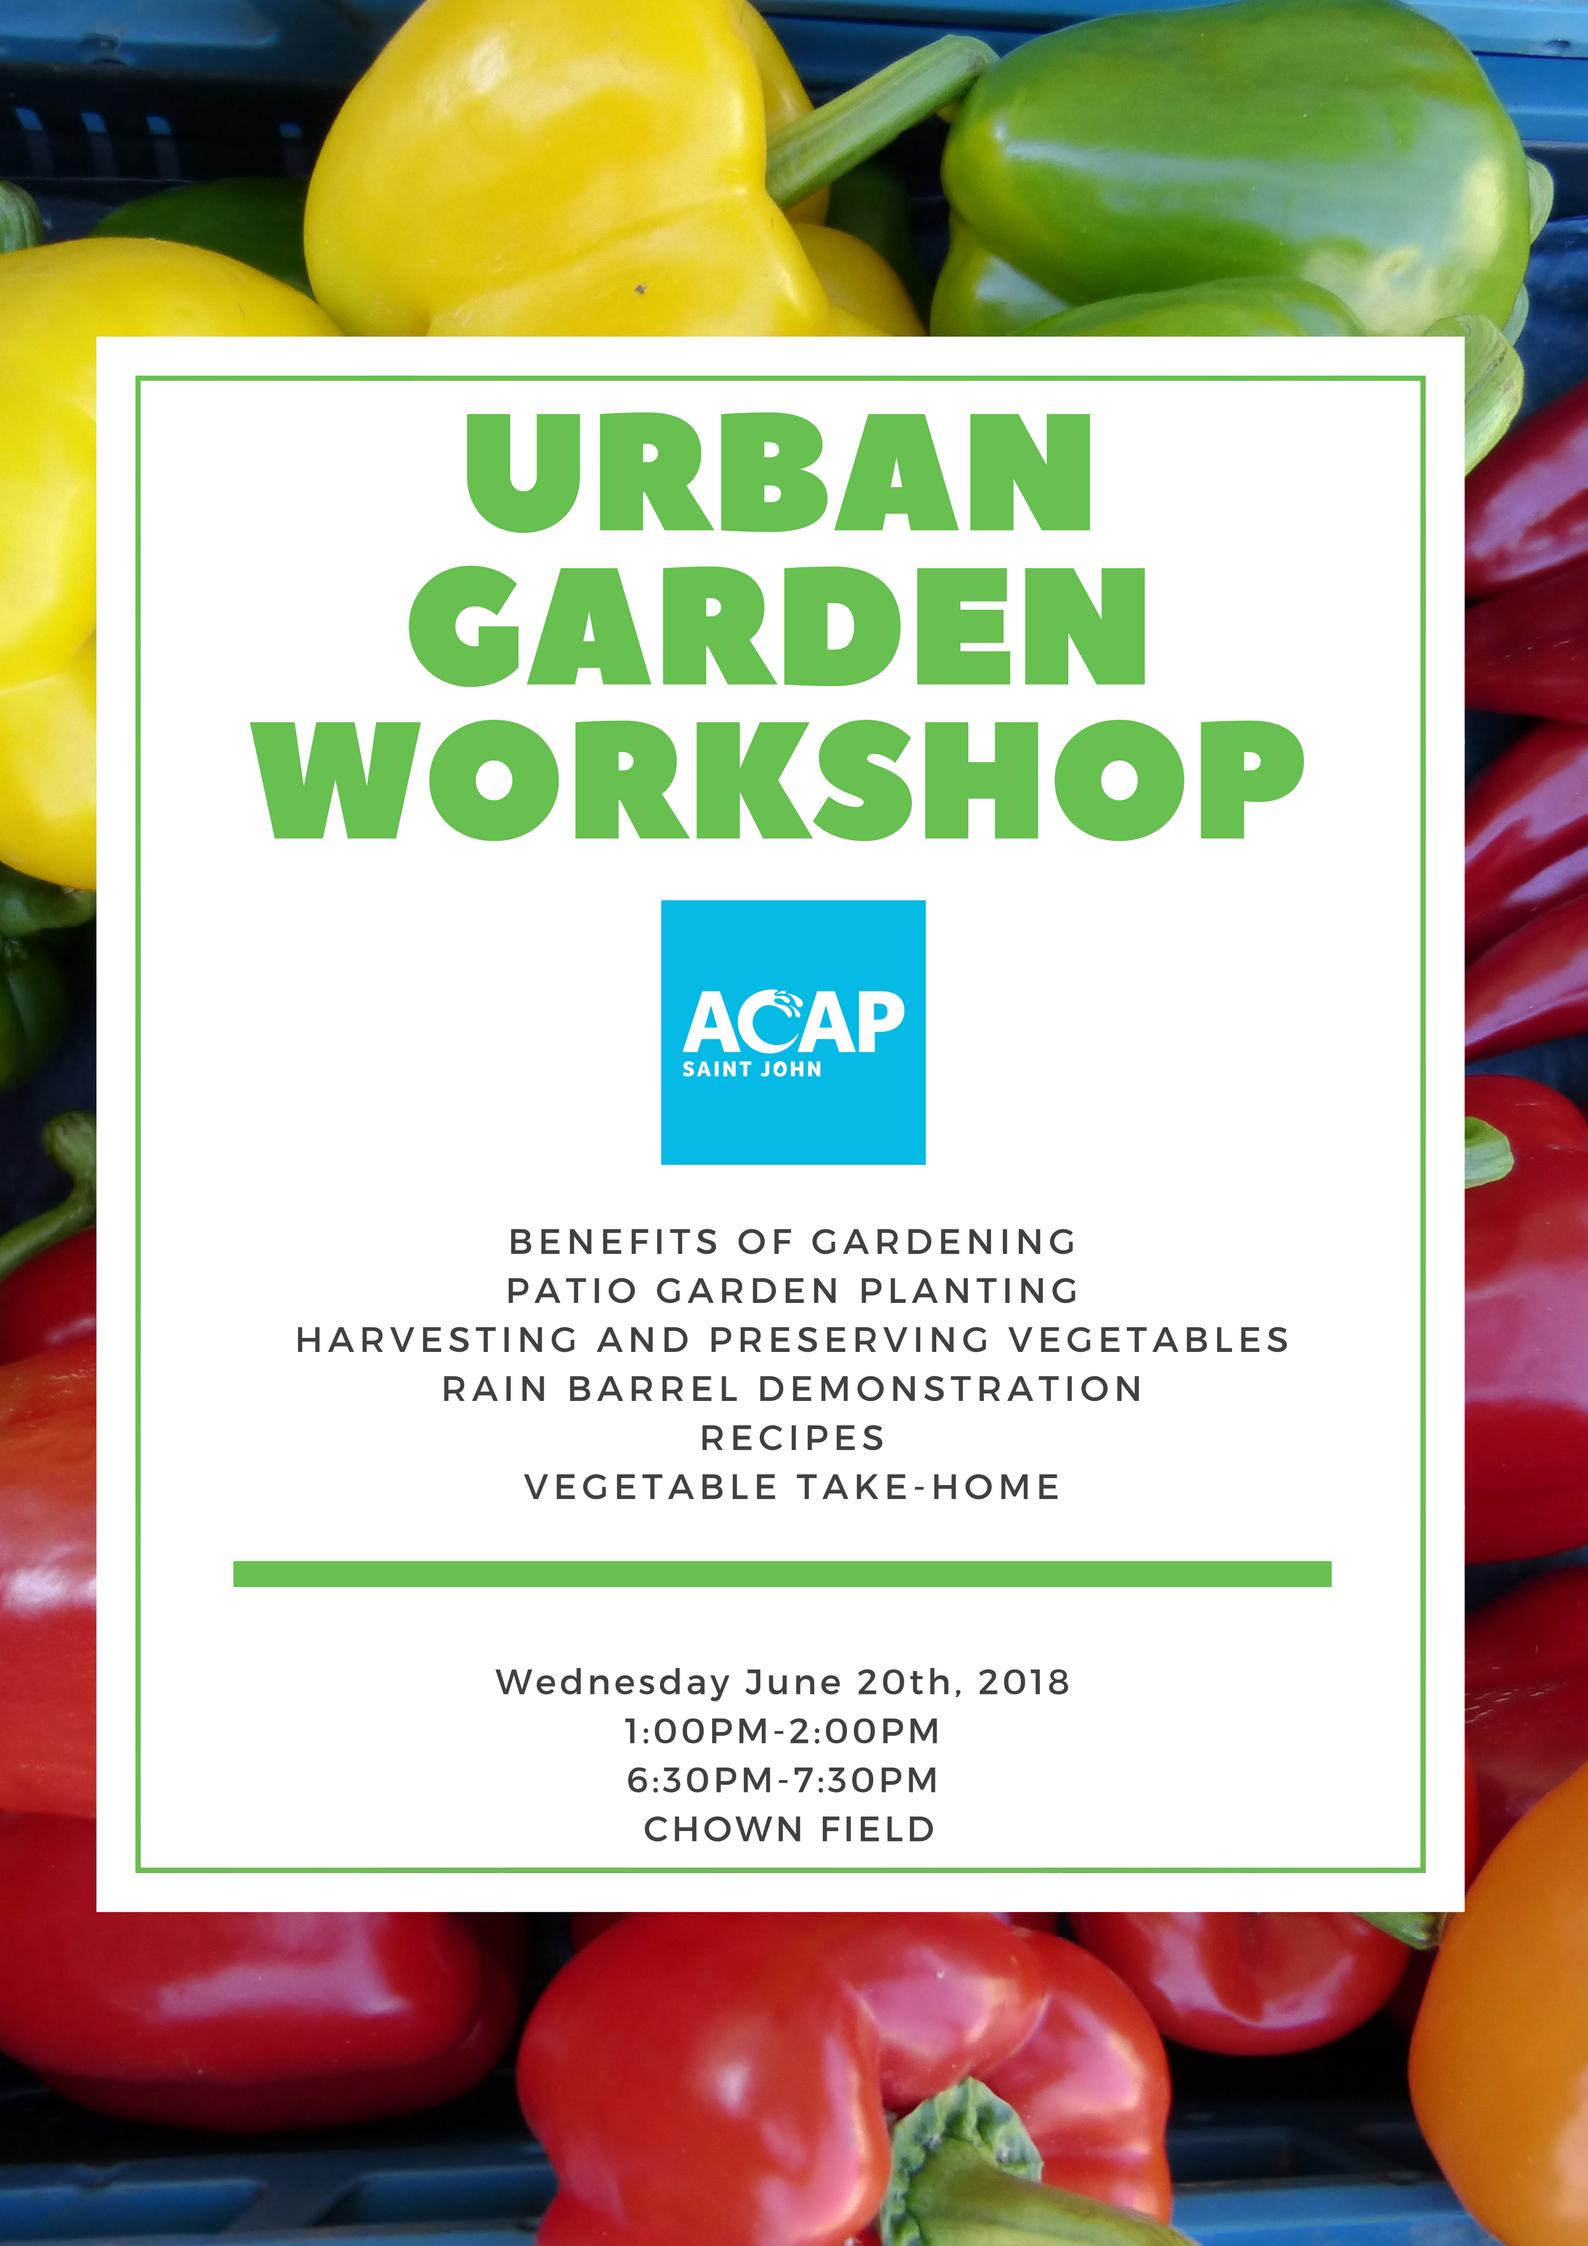 Urban Garden Workshop Poster (JPEG).jpg